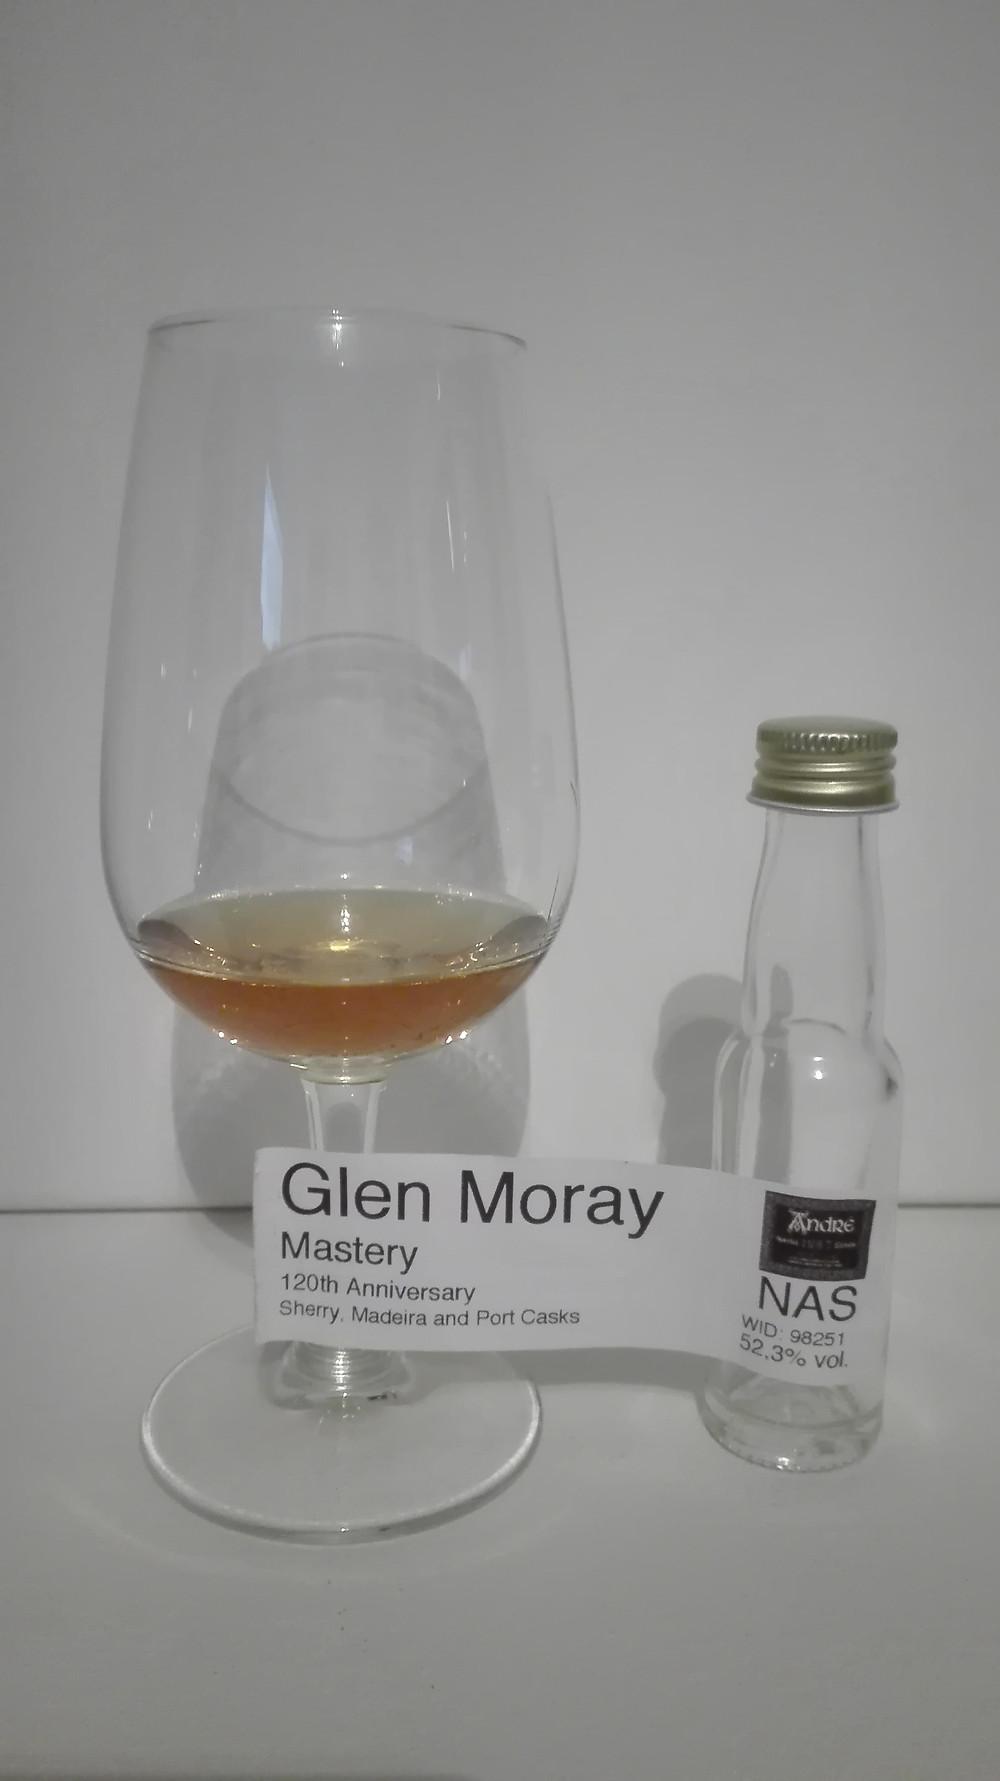 Glen Moray Mastery, Tasting, Test, Glen Moray, 120th Anniversary, Geburtstag